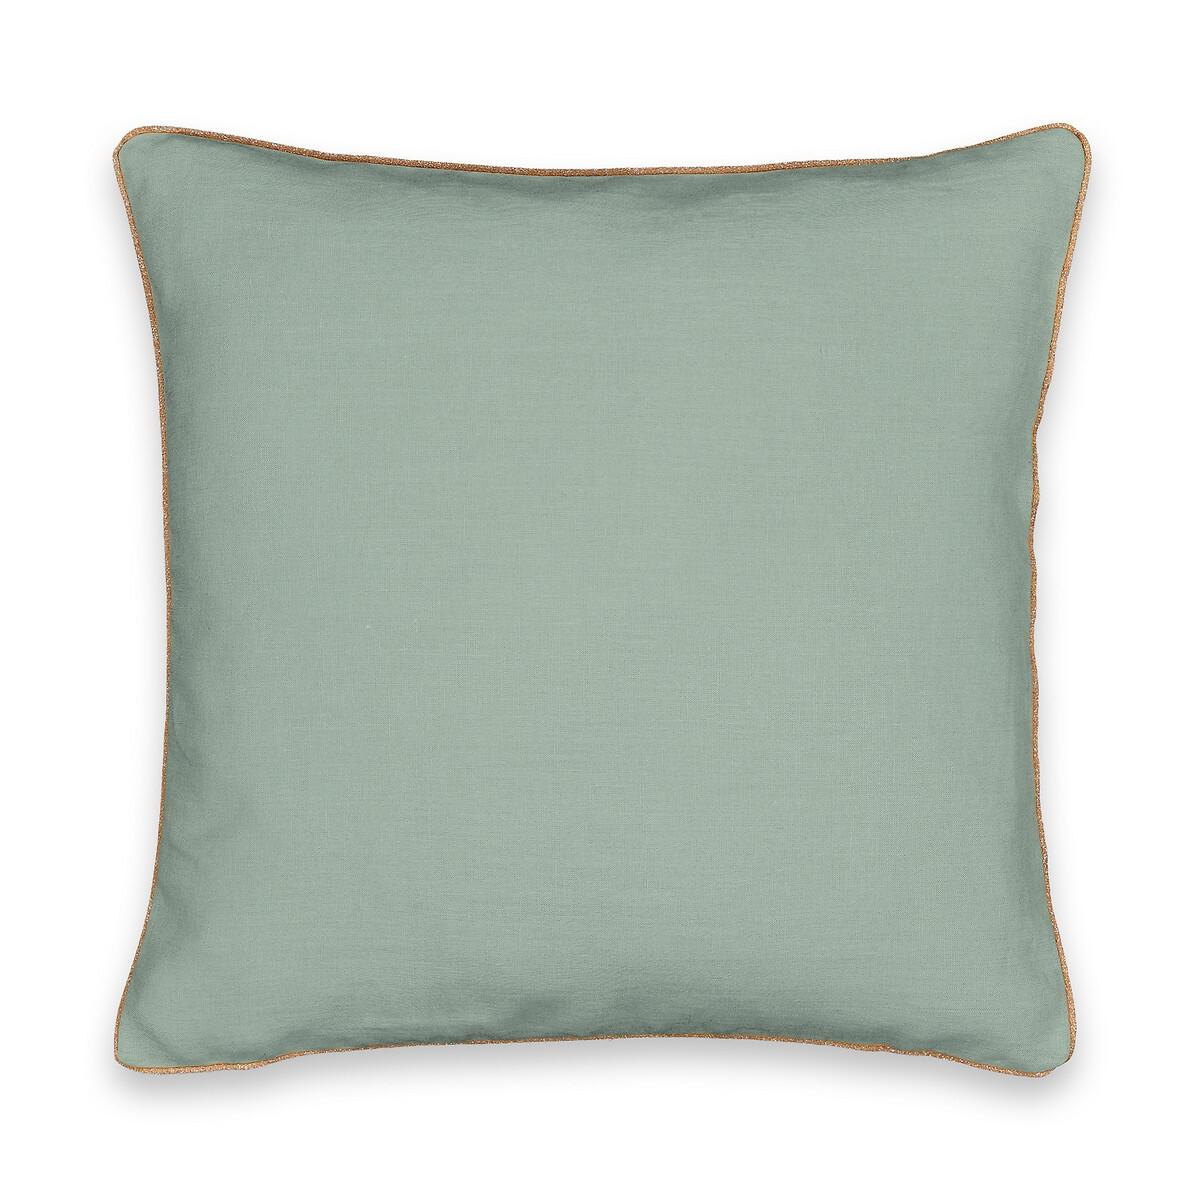 Чехол LaRedoute Для подушки из стираного льна Onega 45 x 45 см зеленый чехол laredoute для изголовья кровати высотой 135 см из стираного льна sandor 160 см серый